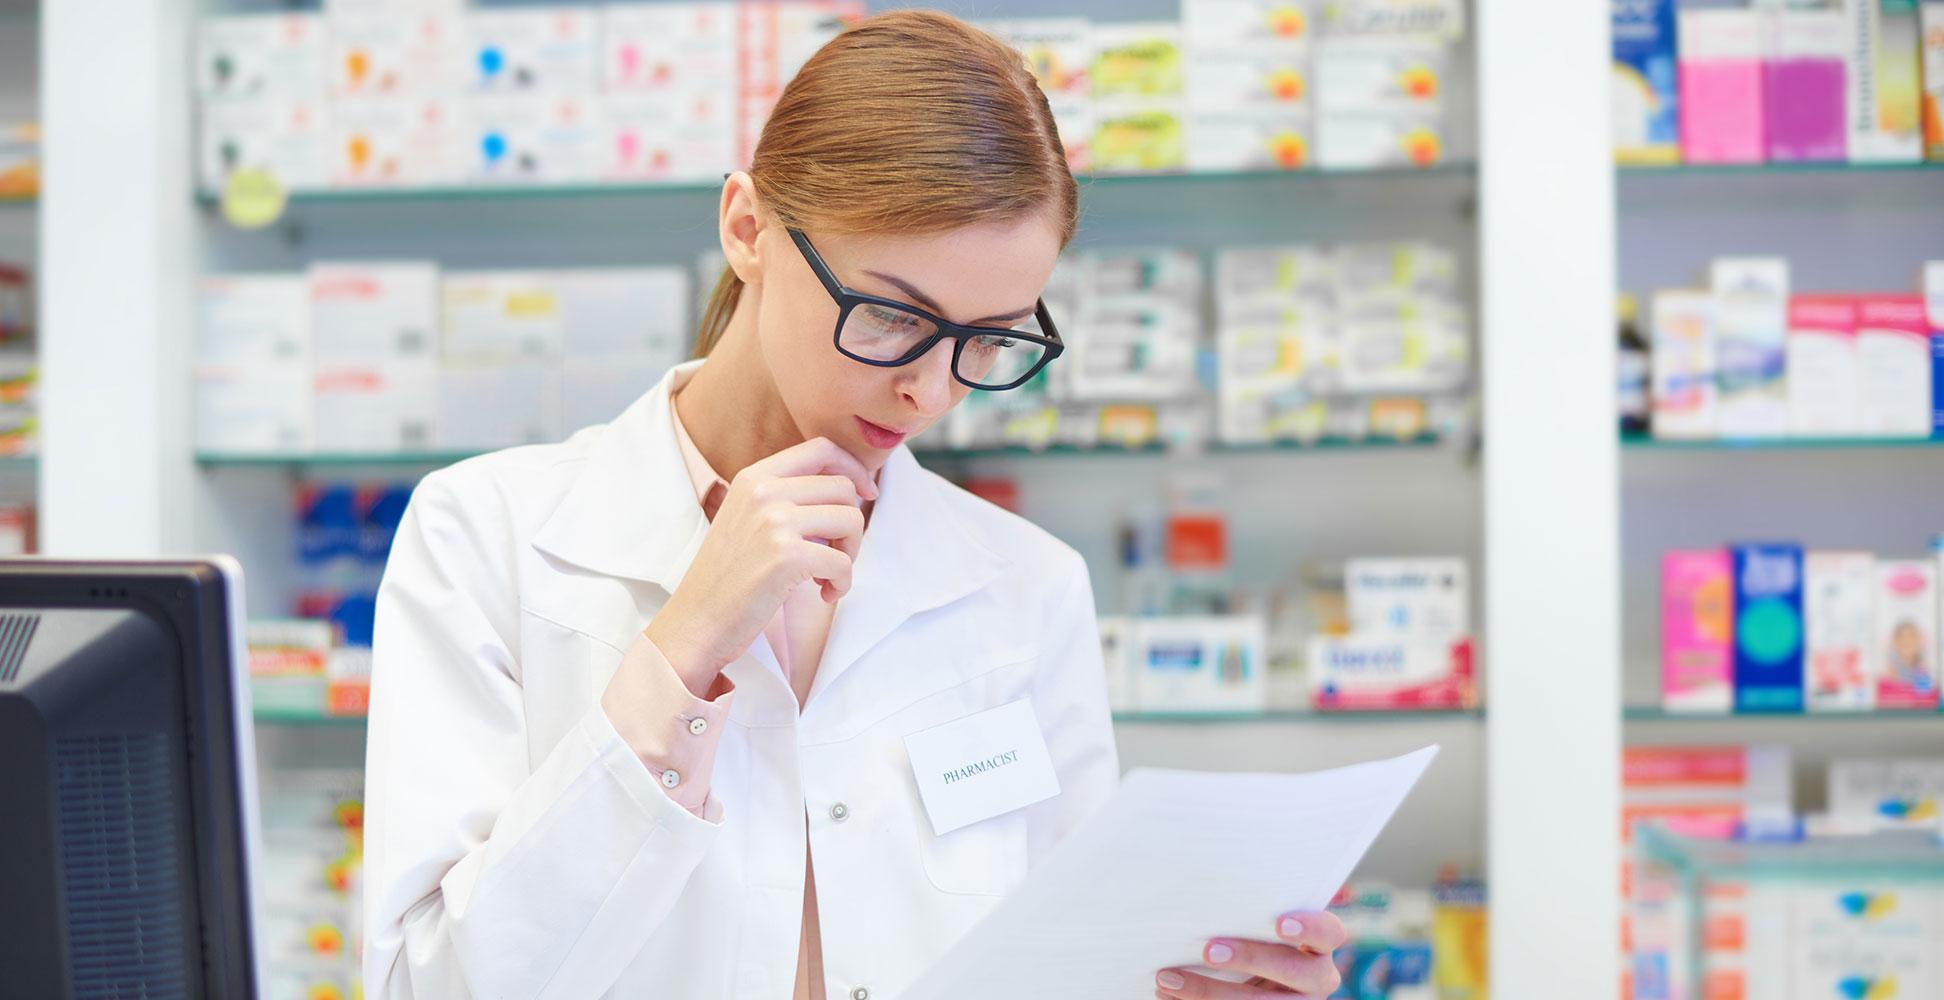 Farmacia Hoyos Sainz 45 - Conócenos